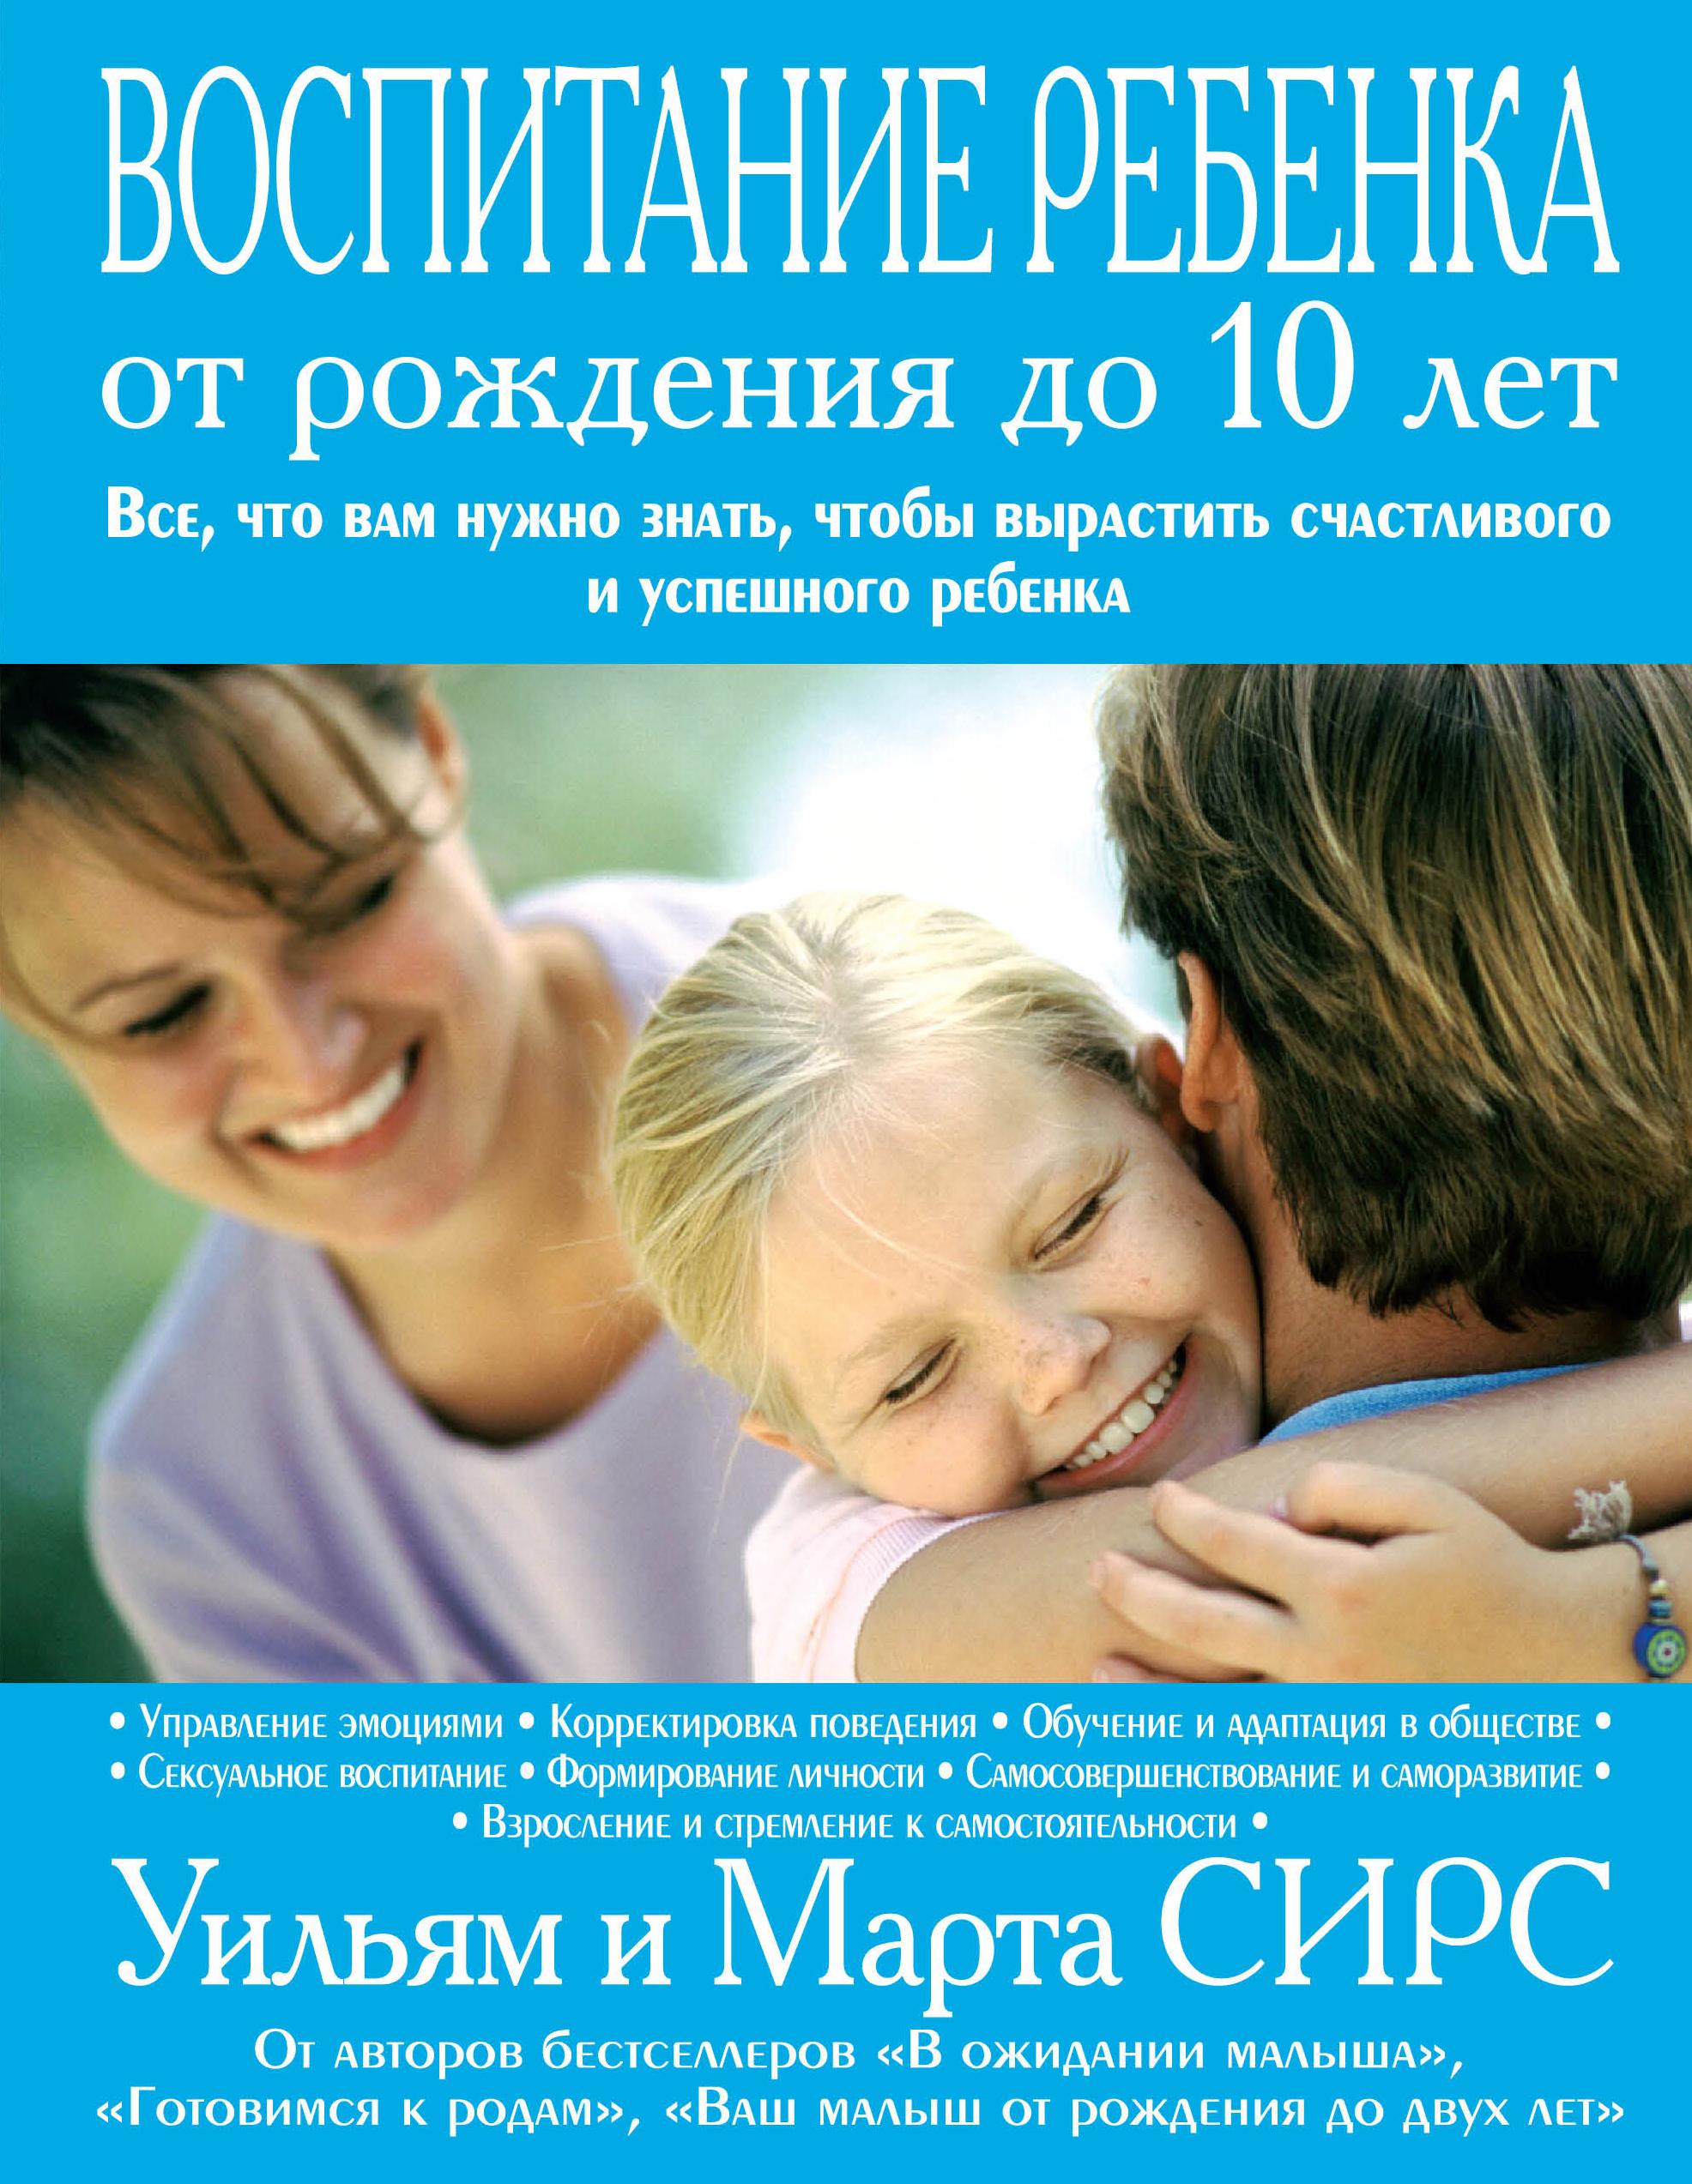 Сирс М. Воспитание ребенка от рождения до 10 лет